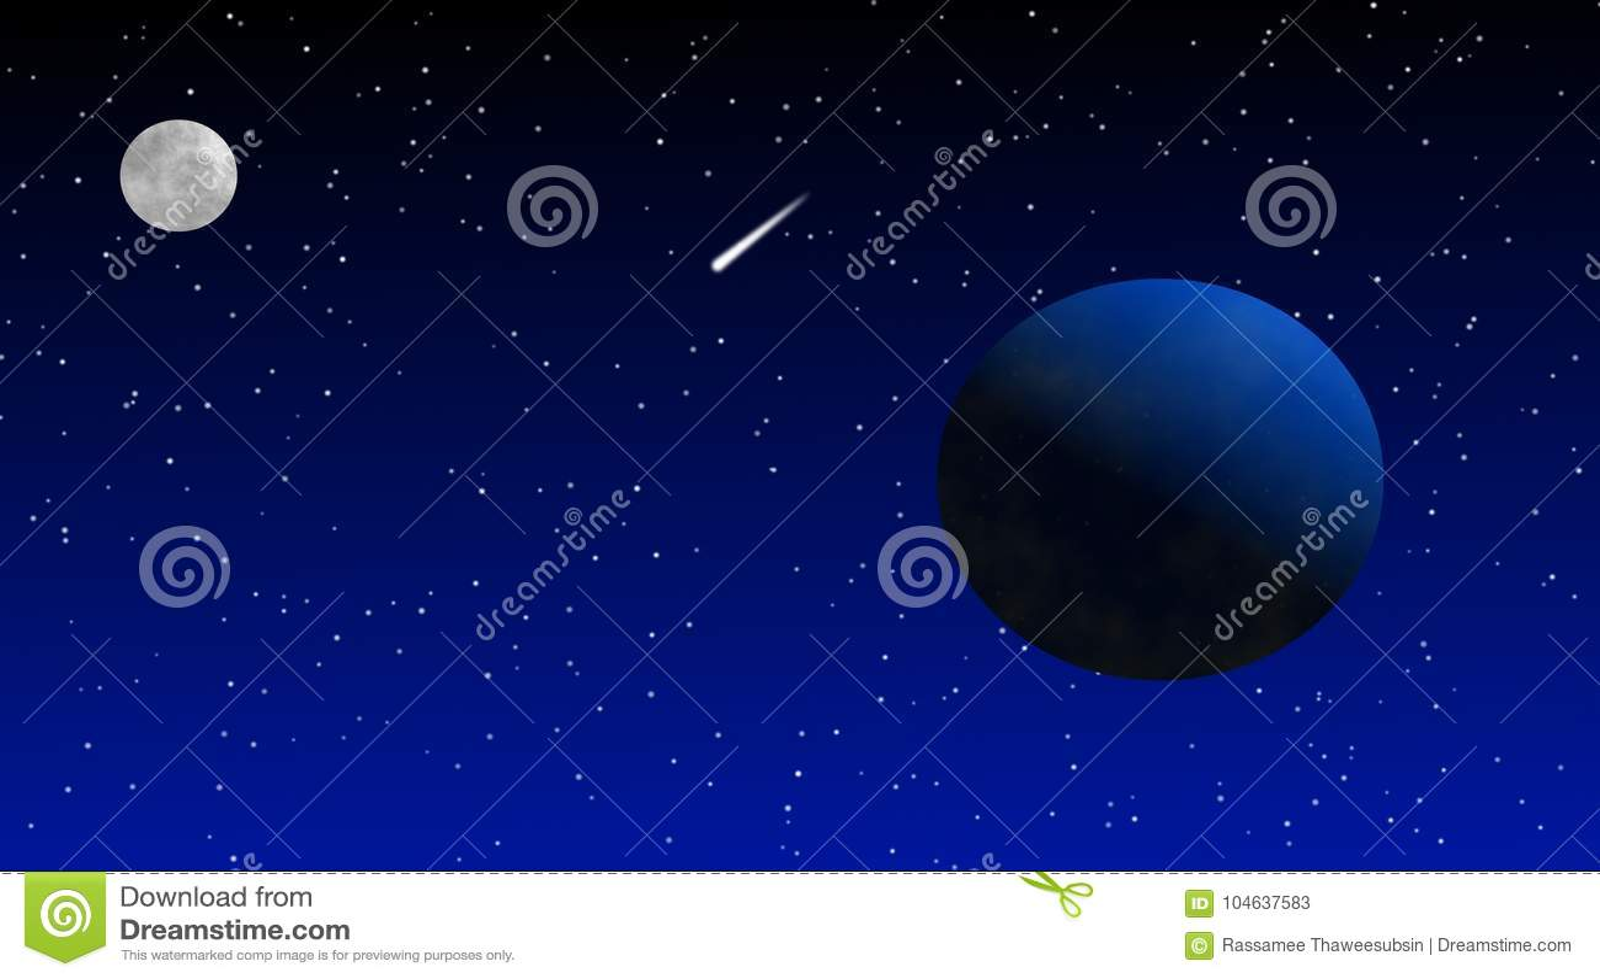 Download Aardemaan En Komeet In Ruimte Stock Illustratie - Illustratie bestaande uit thema, details: 104637583